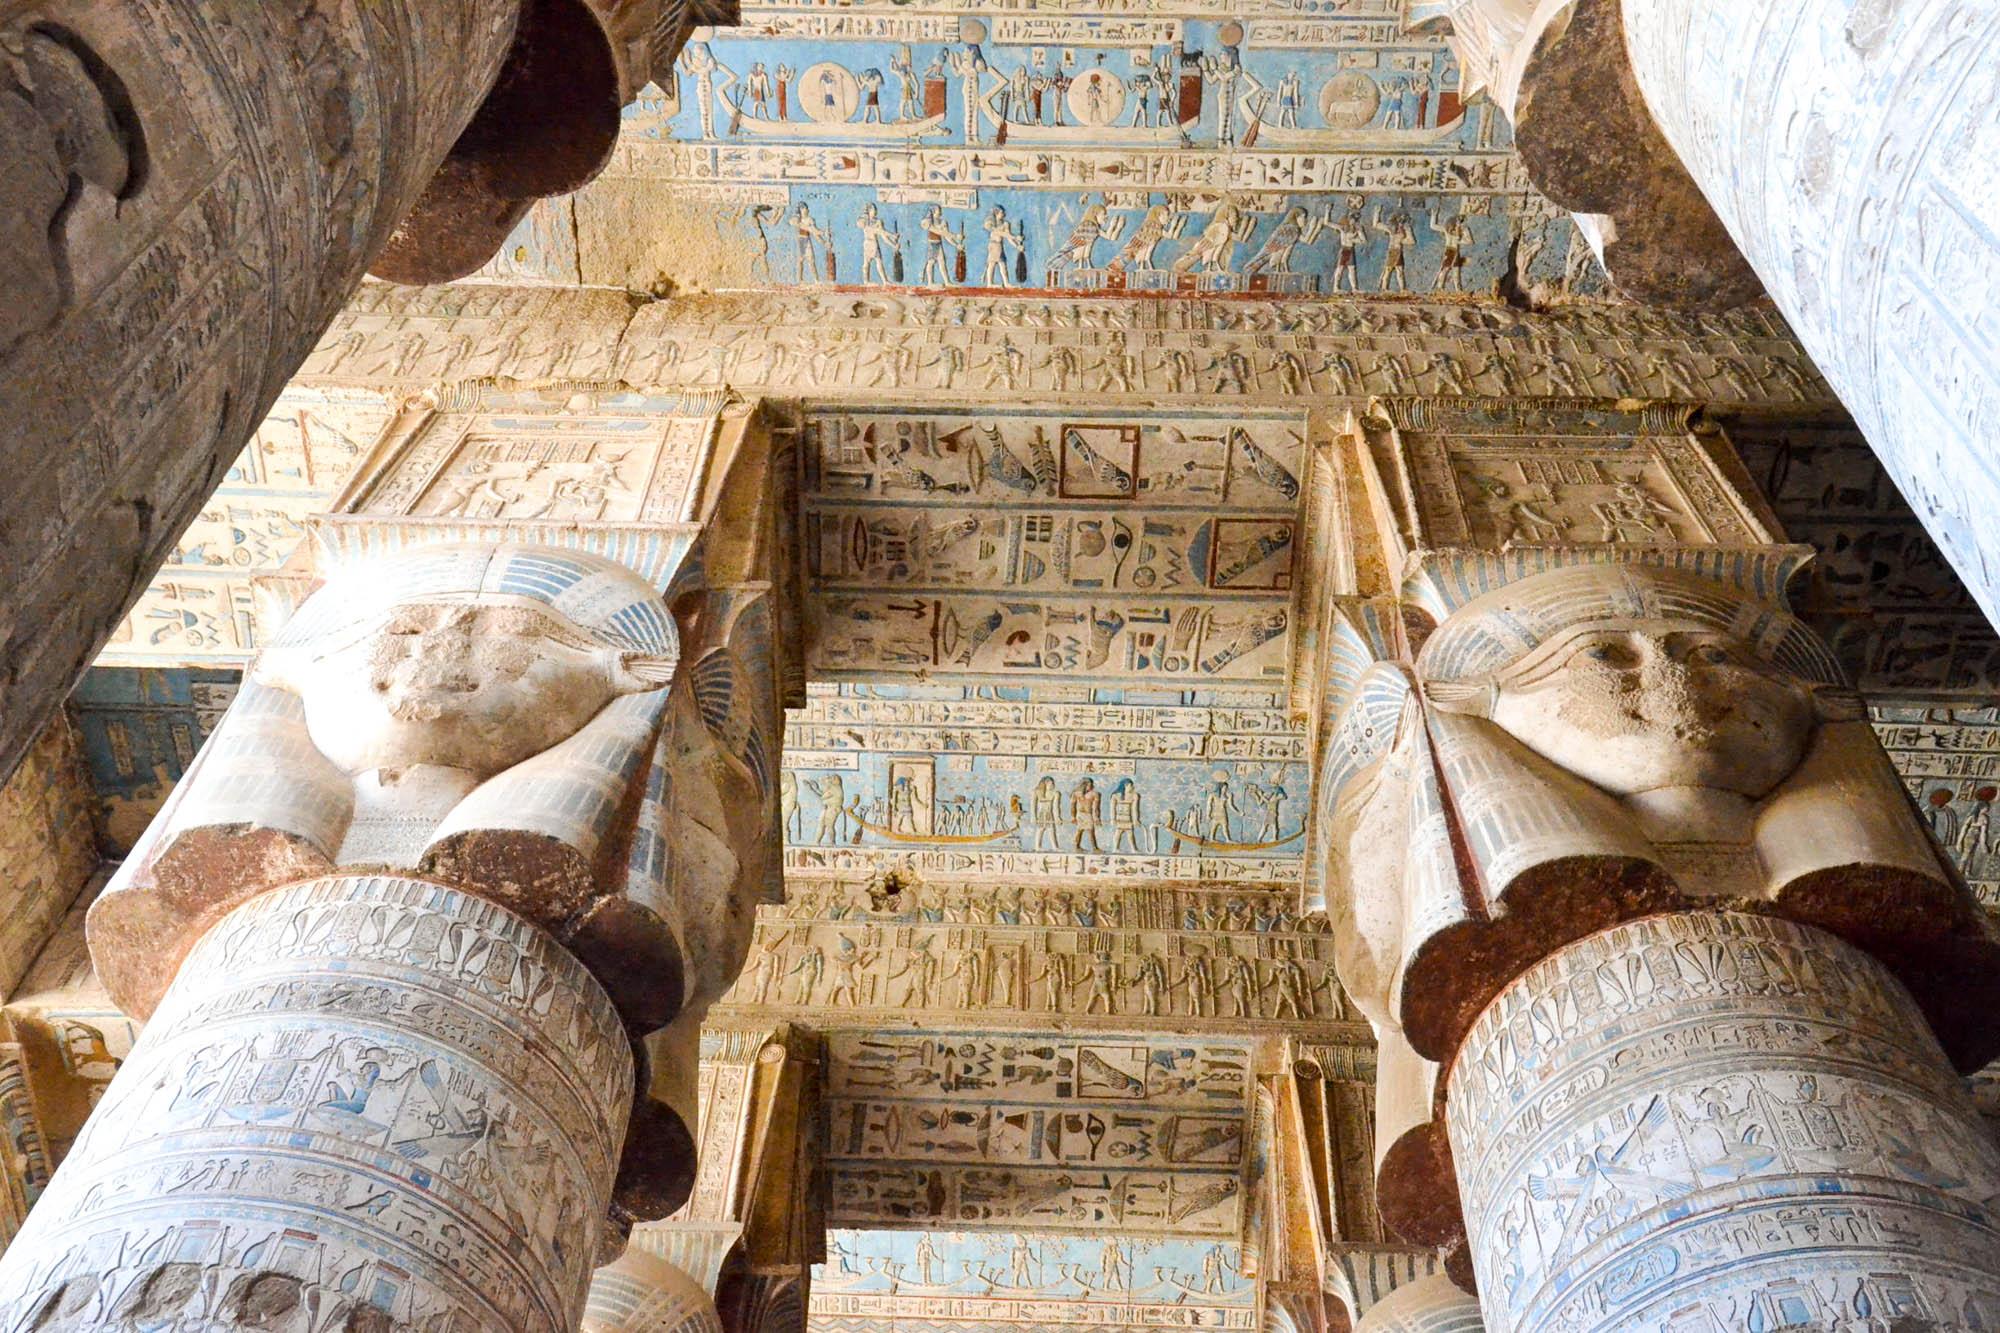 Die mächtigen Säulen in der Hypostylhalle des Tempels von Dendera sind mit einer Darstellung Hathors, erkennbar an den Kuhohren, gekrönt. Sie wurden in der Regierungszeit von Kaiser Tiberius in römischer Zeit errichtet. Foto: Matthieu Götz